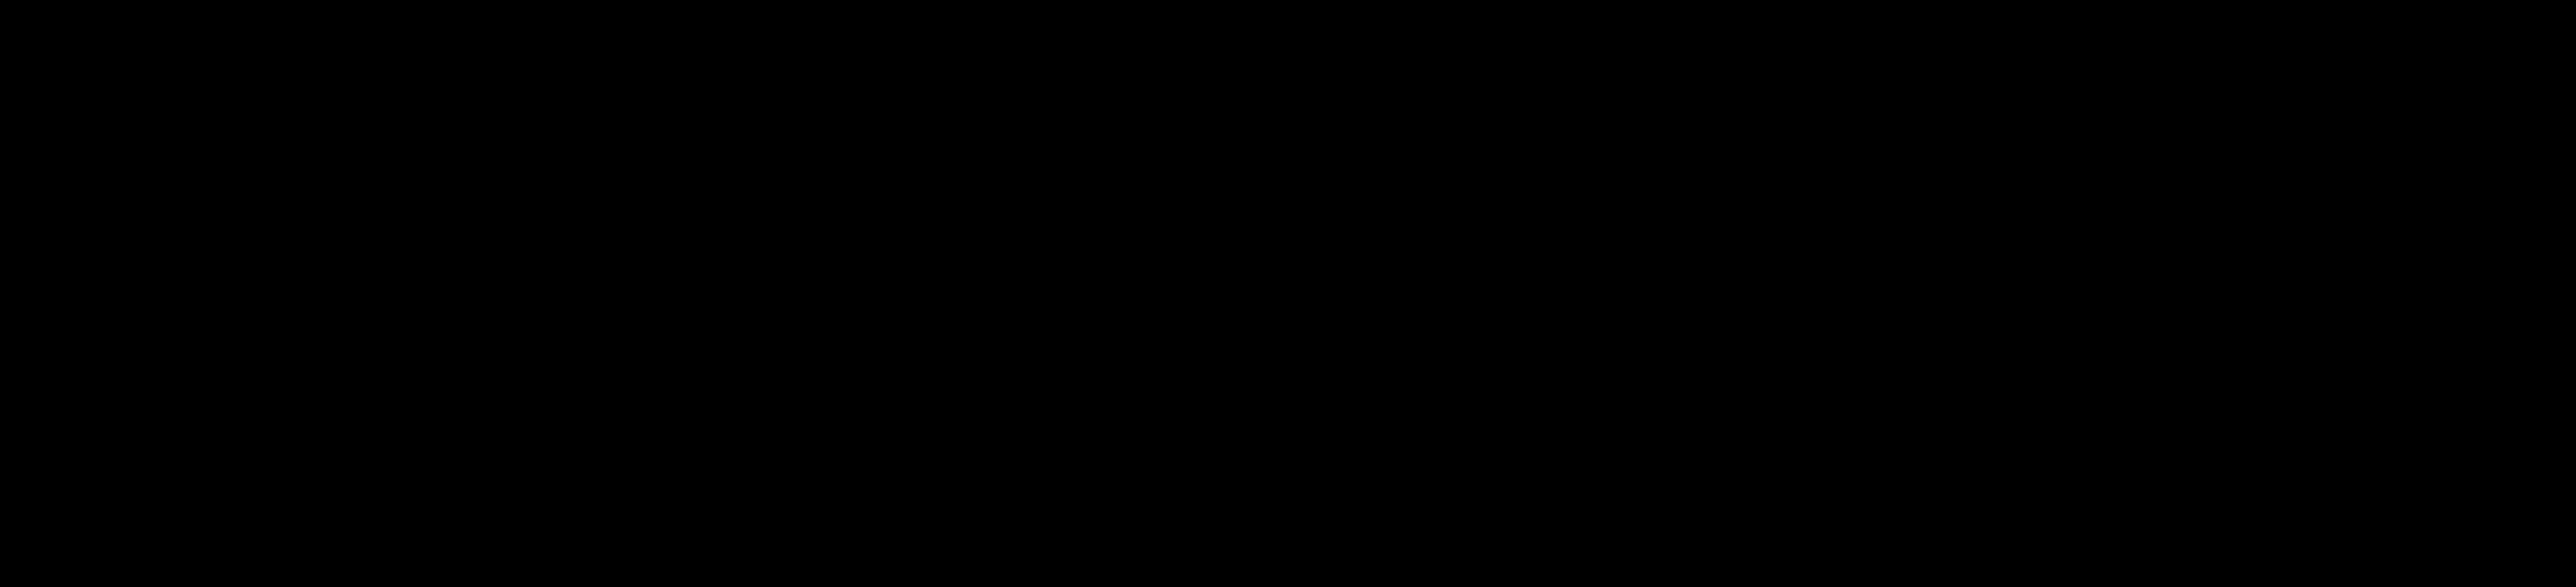 KB // MEDIA logo